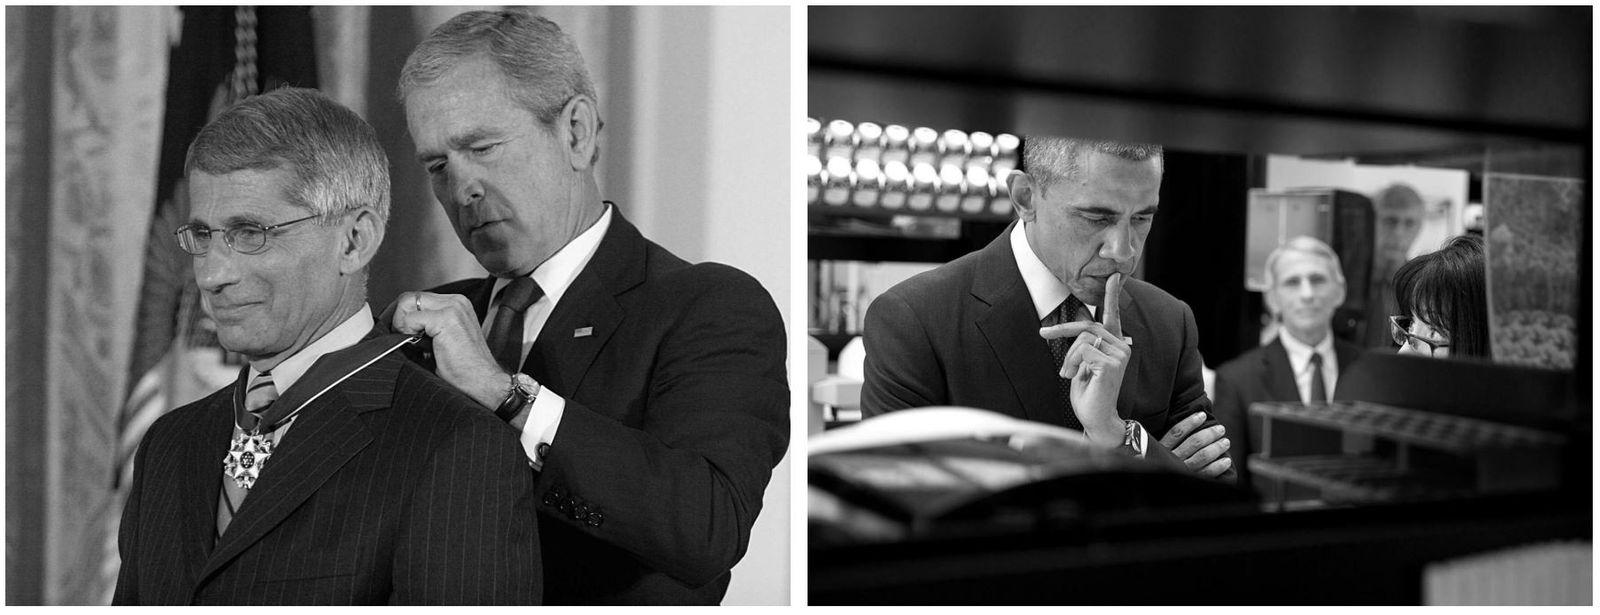 Esquerda: No dia 19 de junho de 2008, o presidente dos EUA, George W. Bush, entregava ...